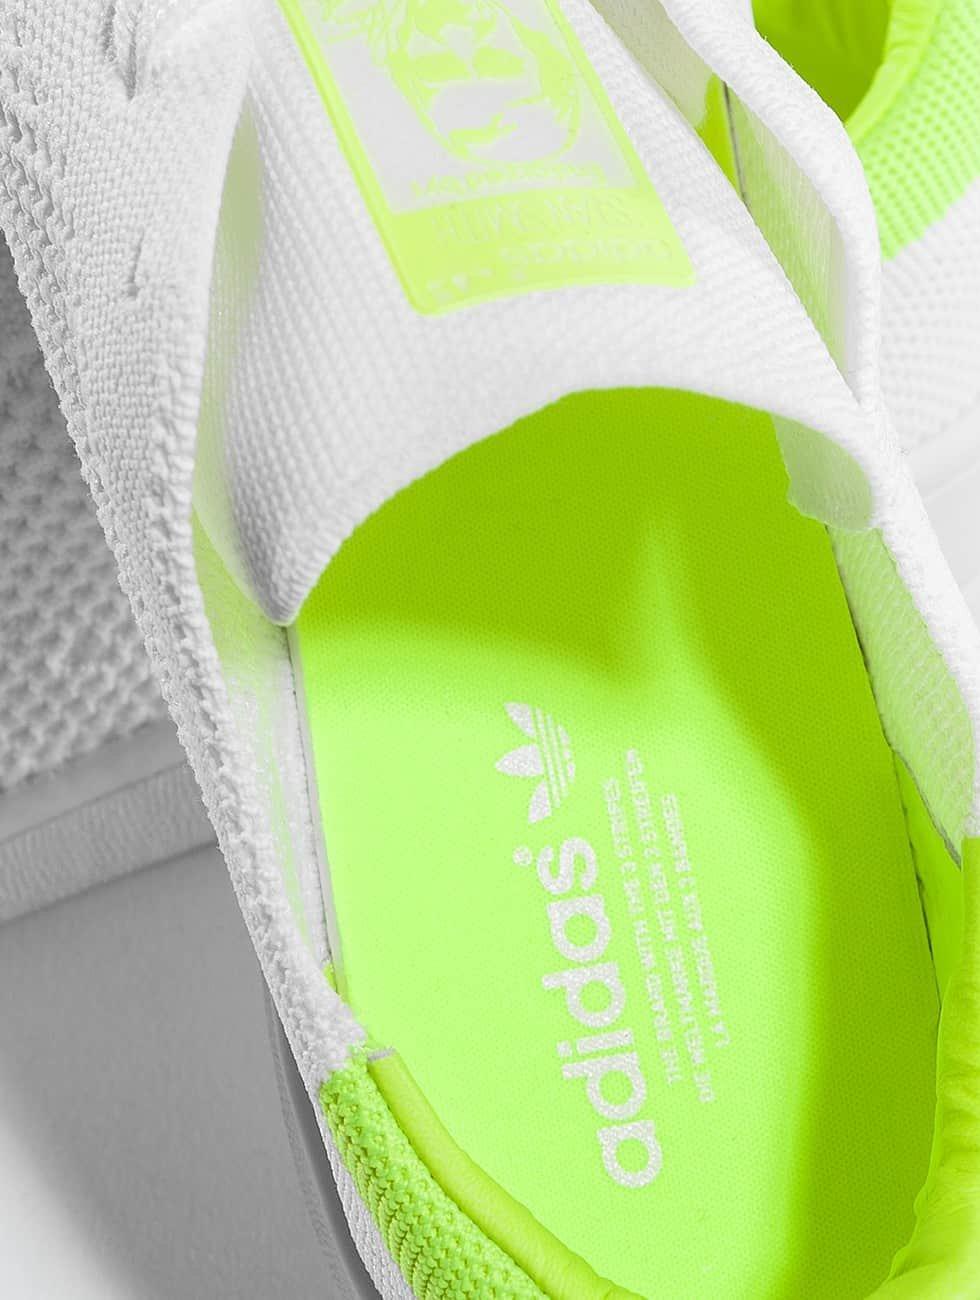 adidas originals Sneakers Stan Smith PK white